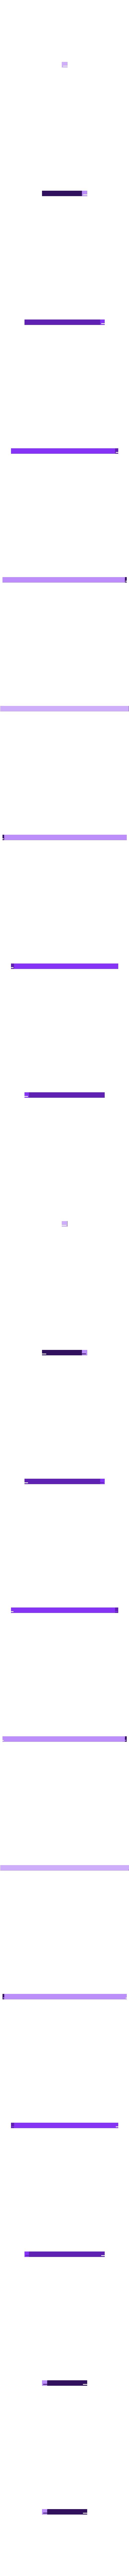 Clamp.STL Télécharger fichier STL gratuit Imprimante à pochoir • Objet pour imprimante 3D, perinski